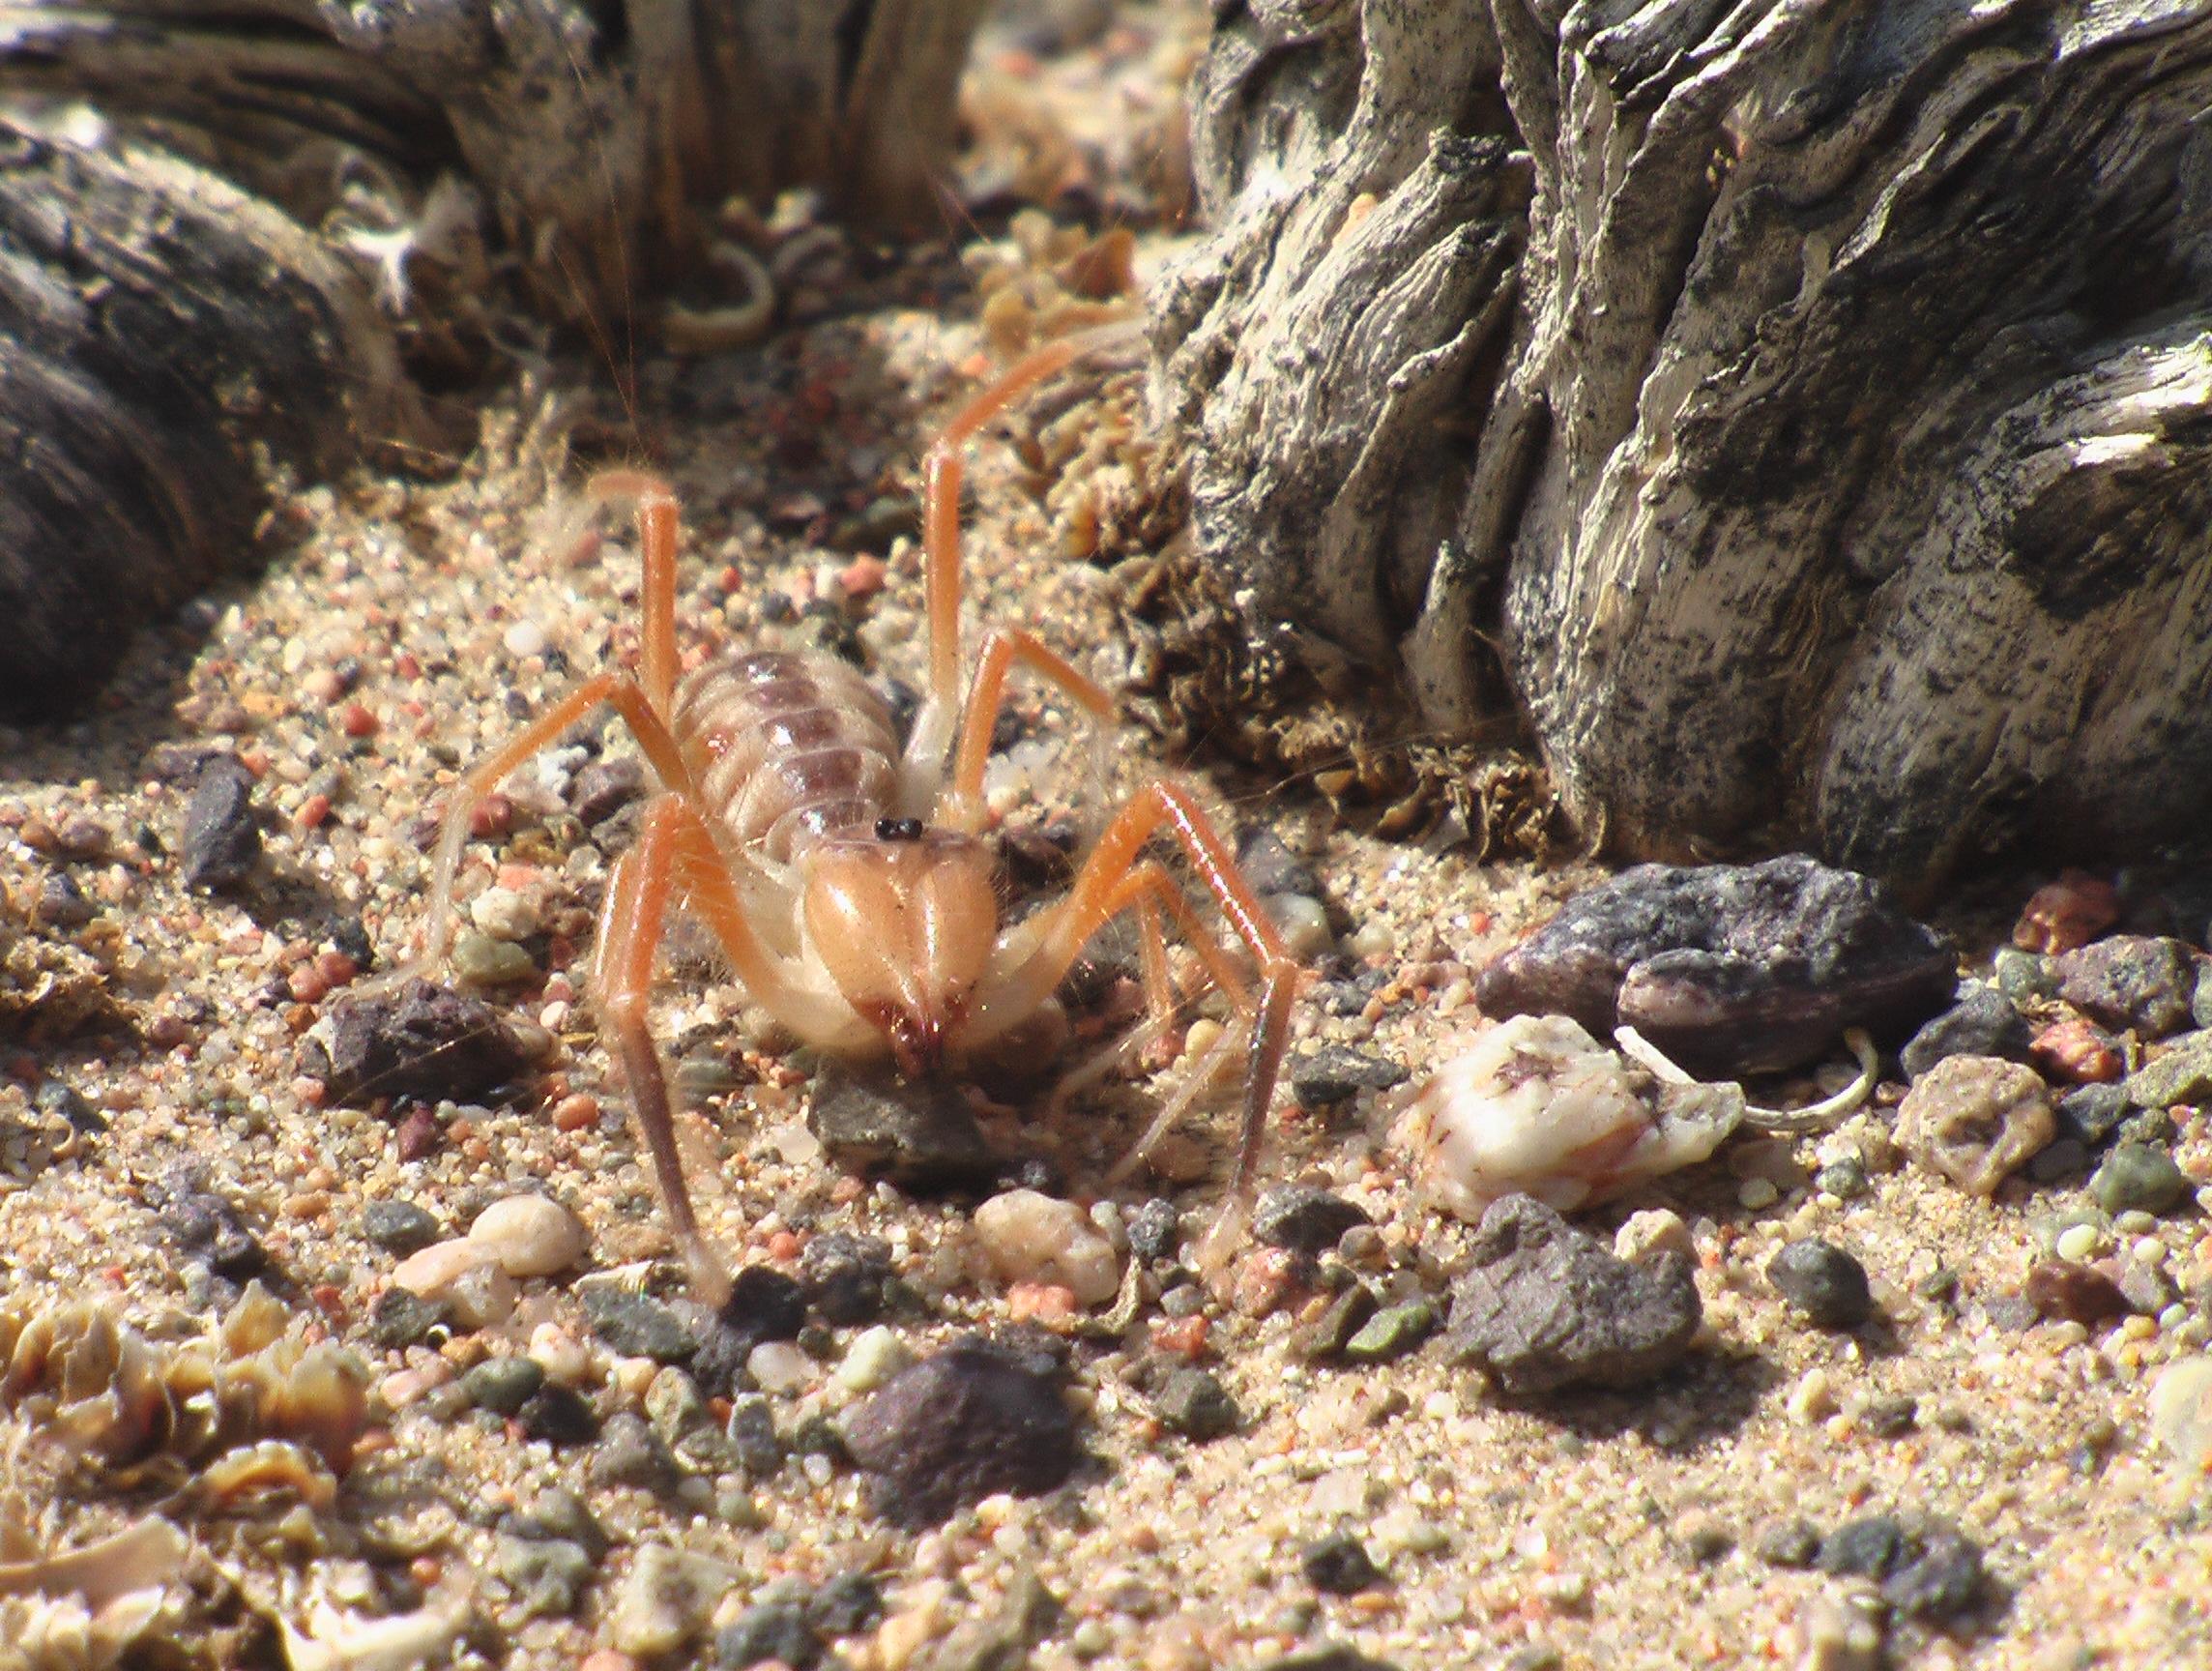 Yükle (2288x1728)Phalanx - monstrum z třídy pavoukovců - Cool  příběhyPhalanx - monstrum z třídy pavoukovců. 1cd50fcc65